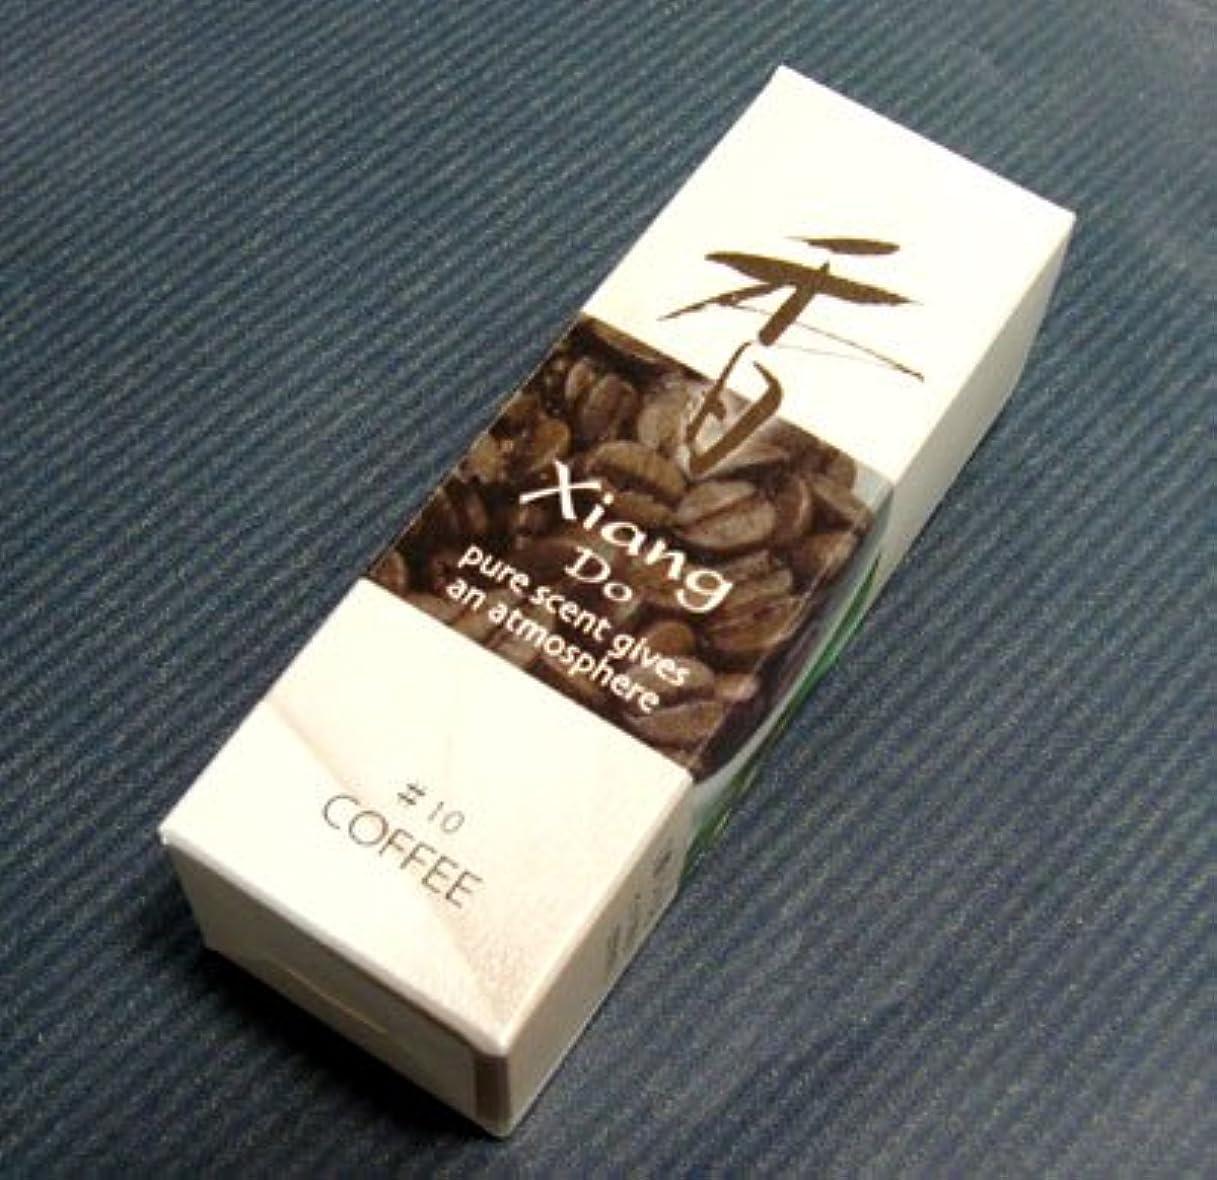 ポテトヘルシーマニアコクと苦味のコーヒーの香り 松栄堂【Xiang do コーヒー】スティック 【お香】